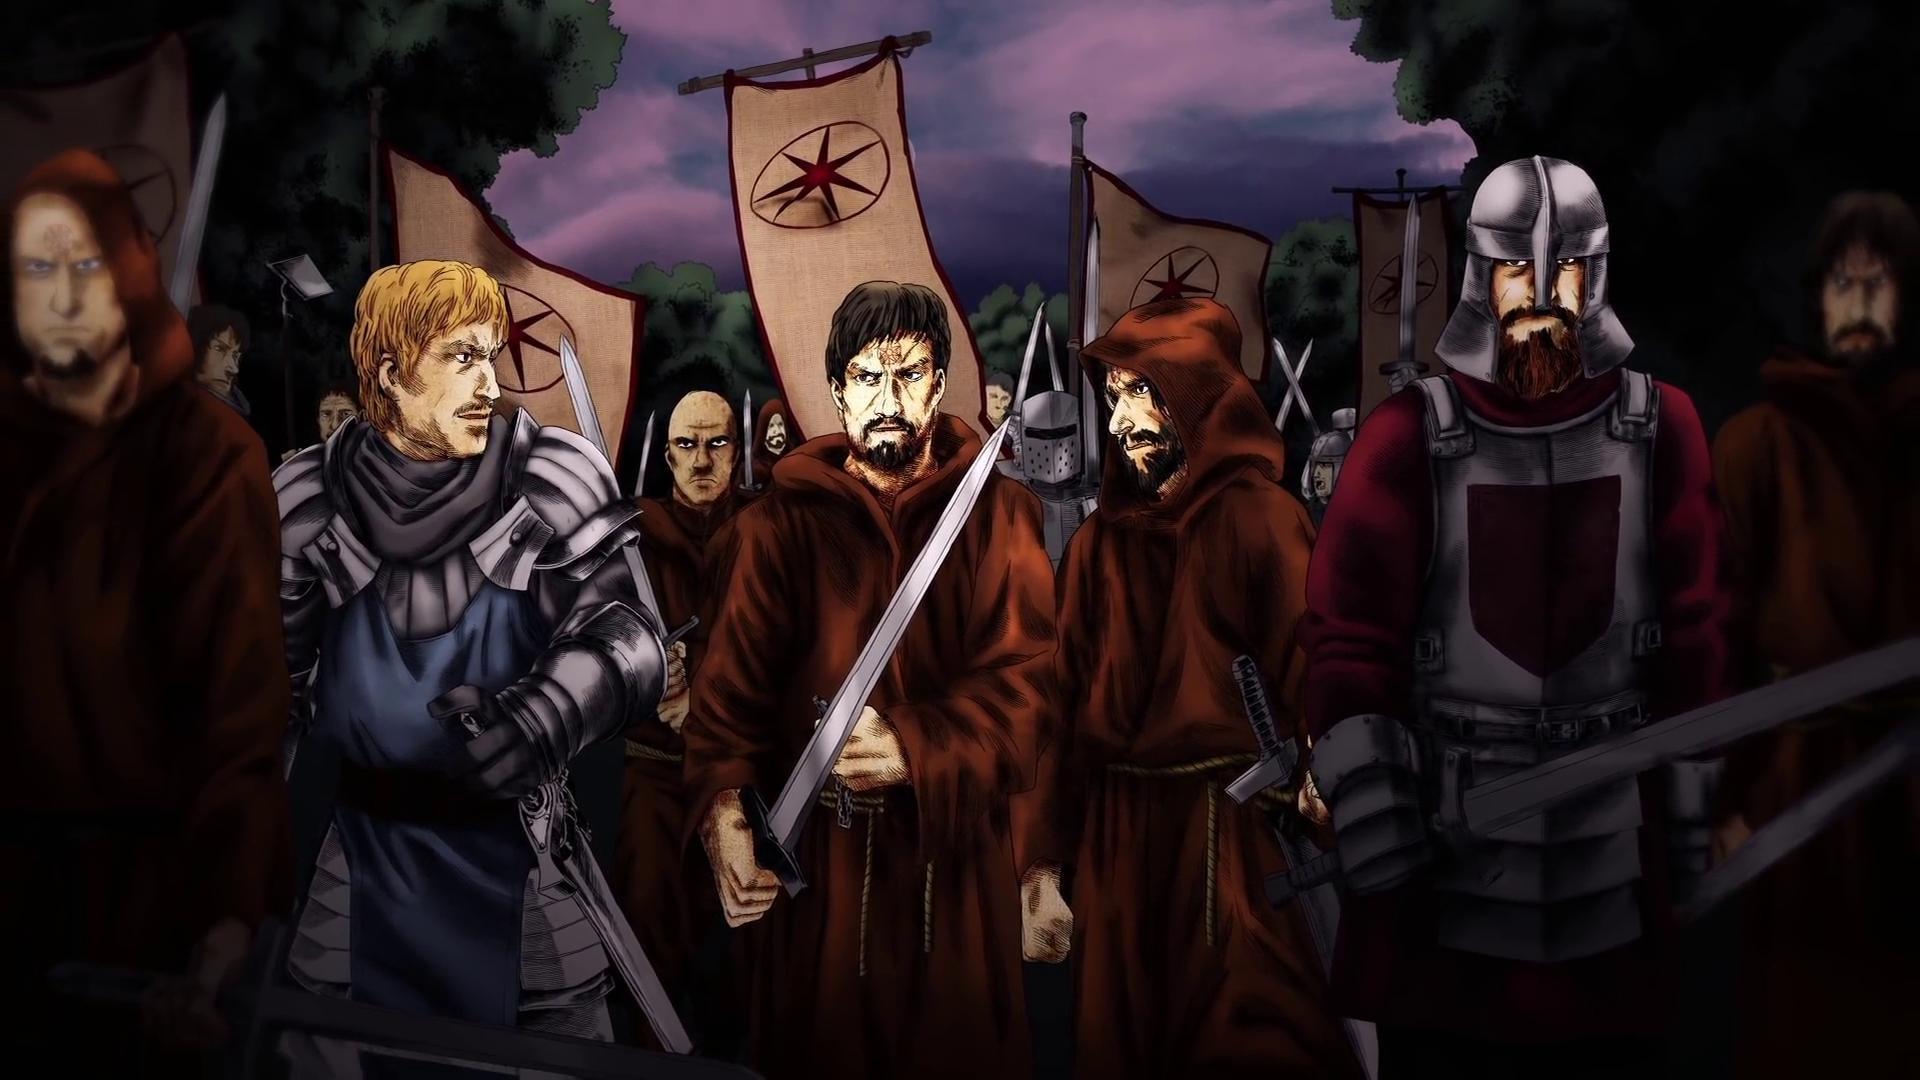 Aufstand der Glaubenskrieger